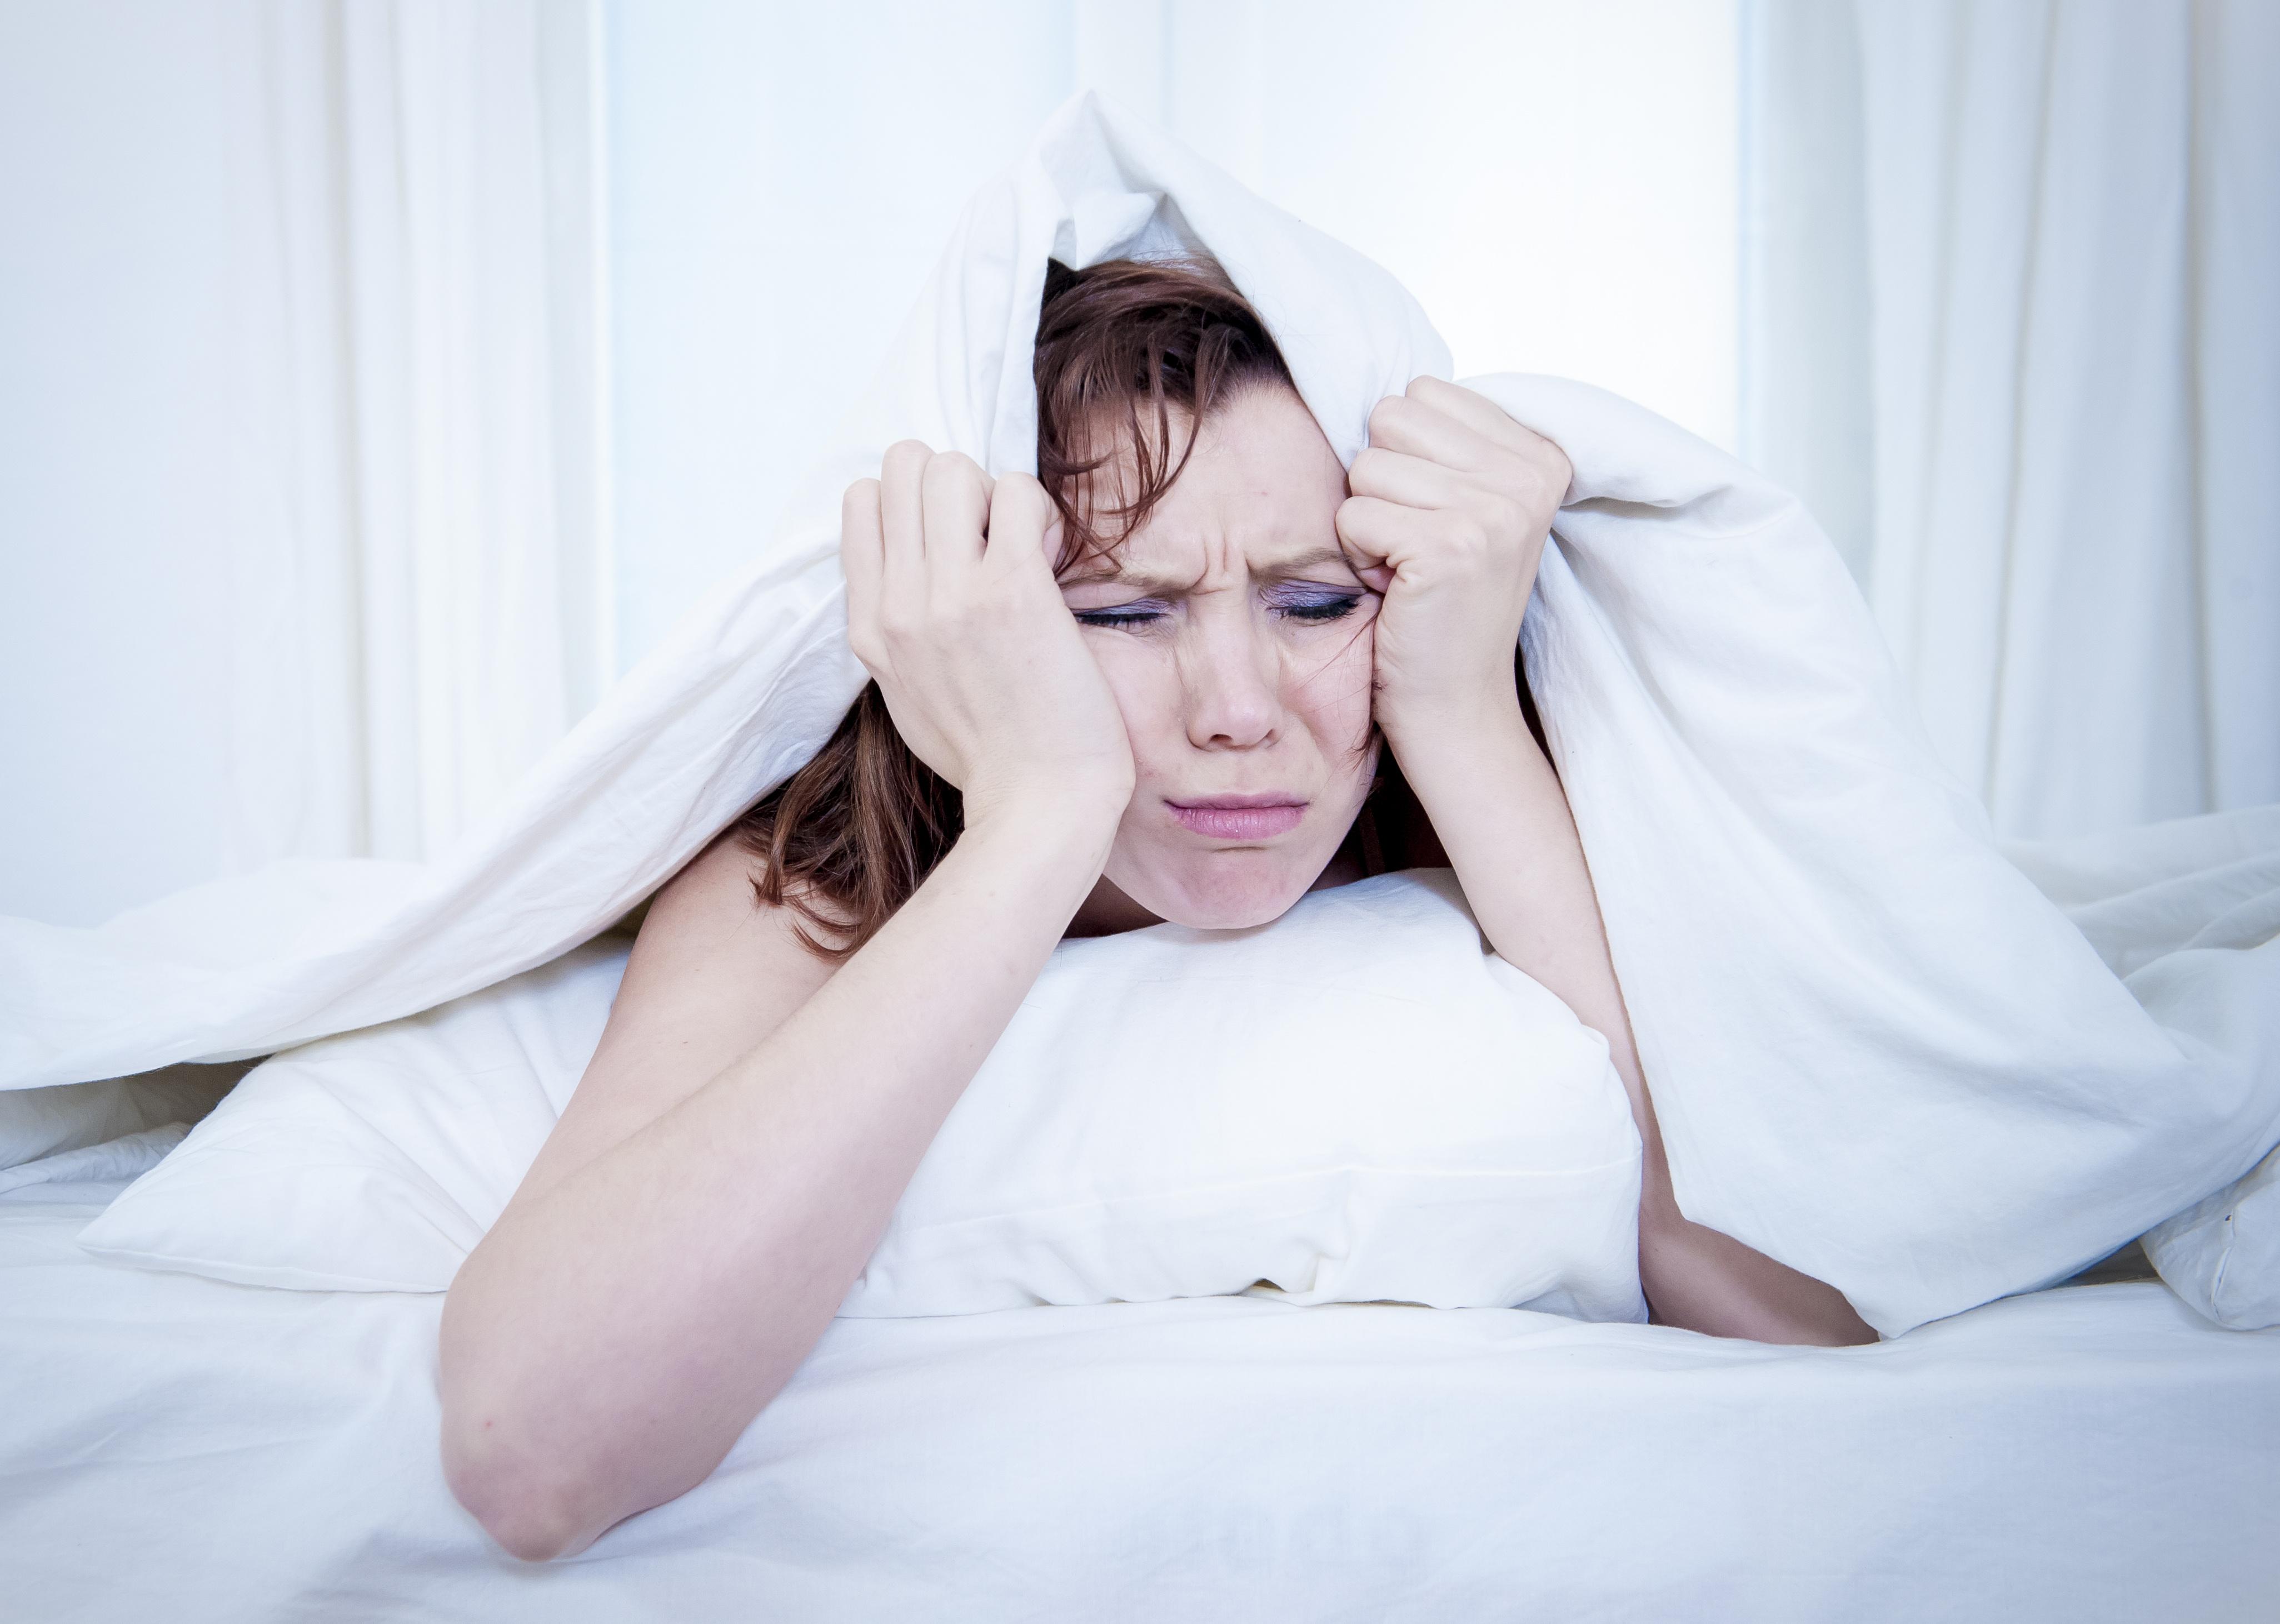 Инсомния - что это такое? инсомния: причины, симптомы, диагностика и лечение